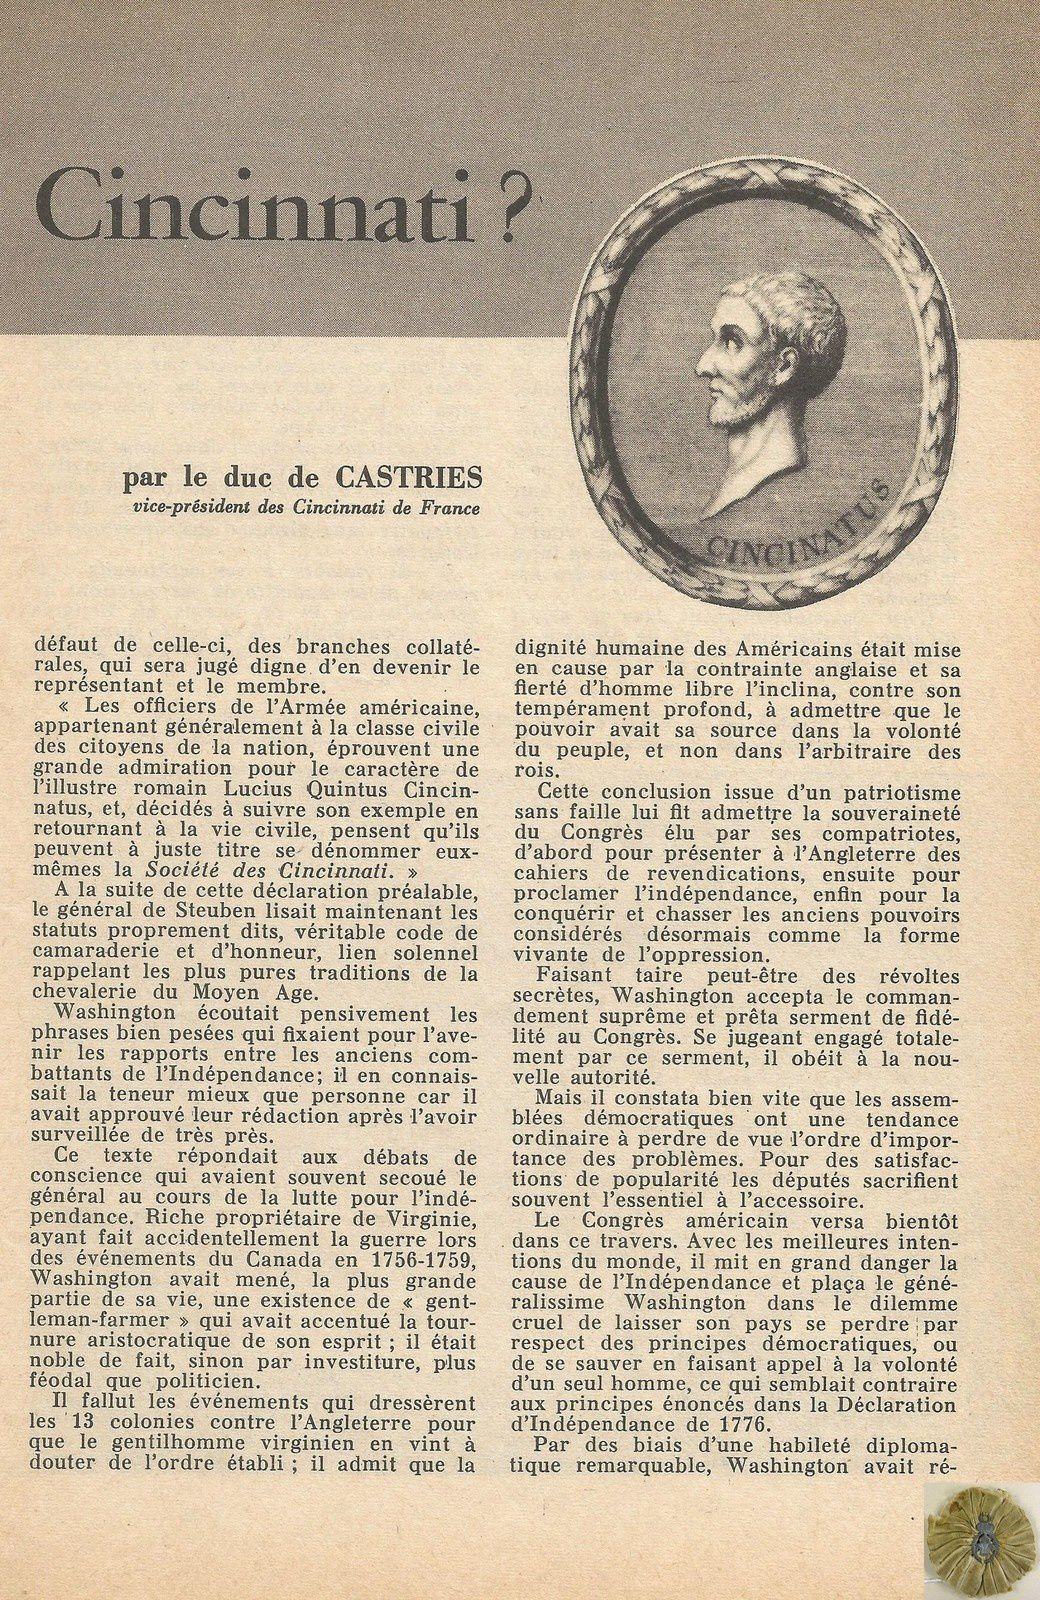 HISTORIA NUMÉRO 151 - JUIN 1959